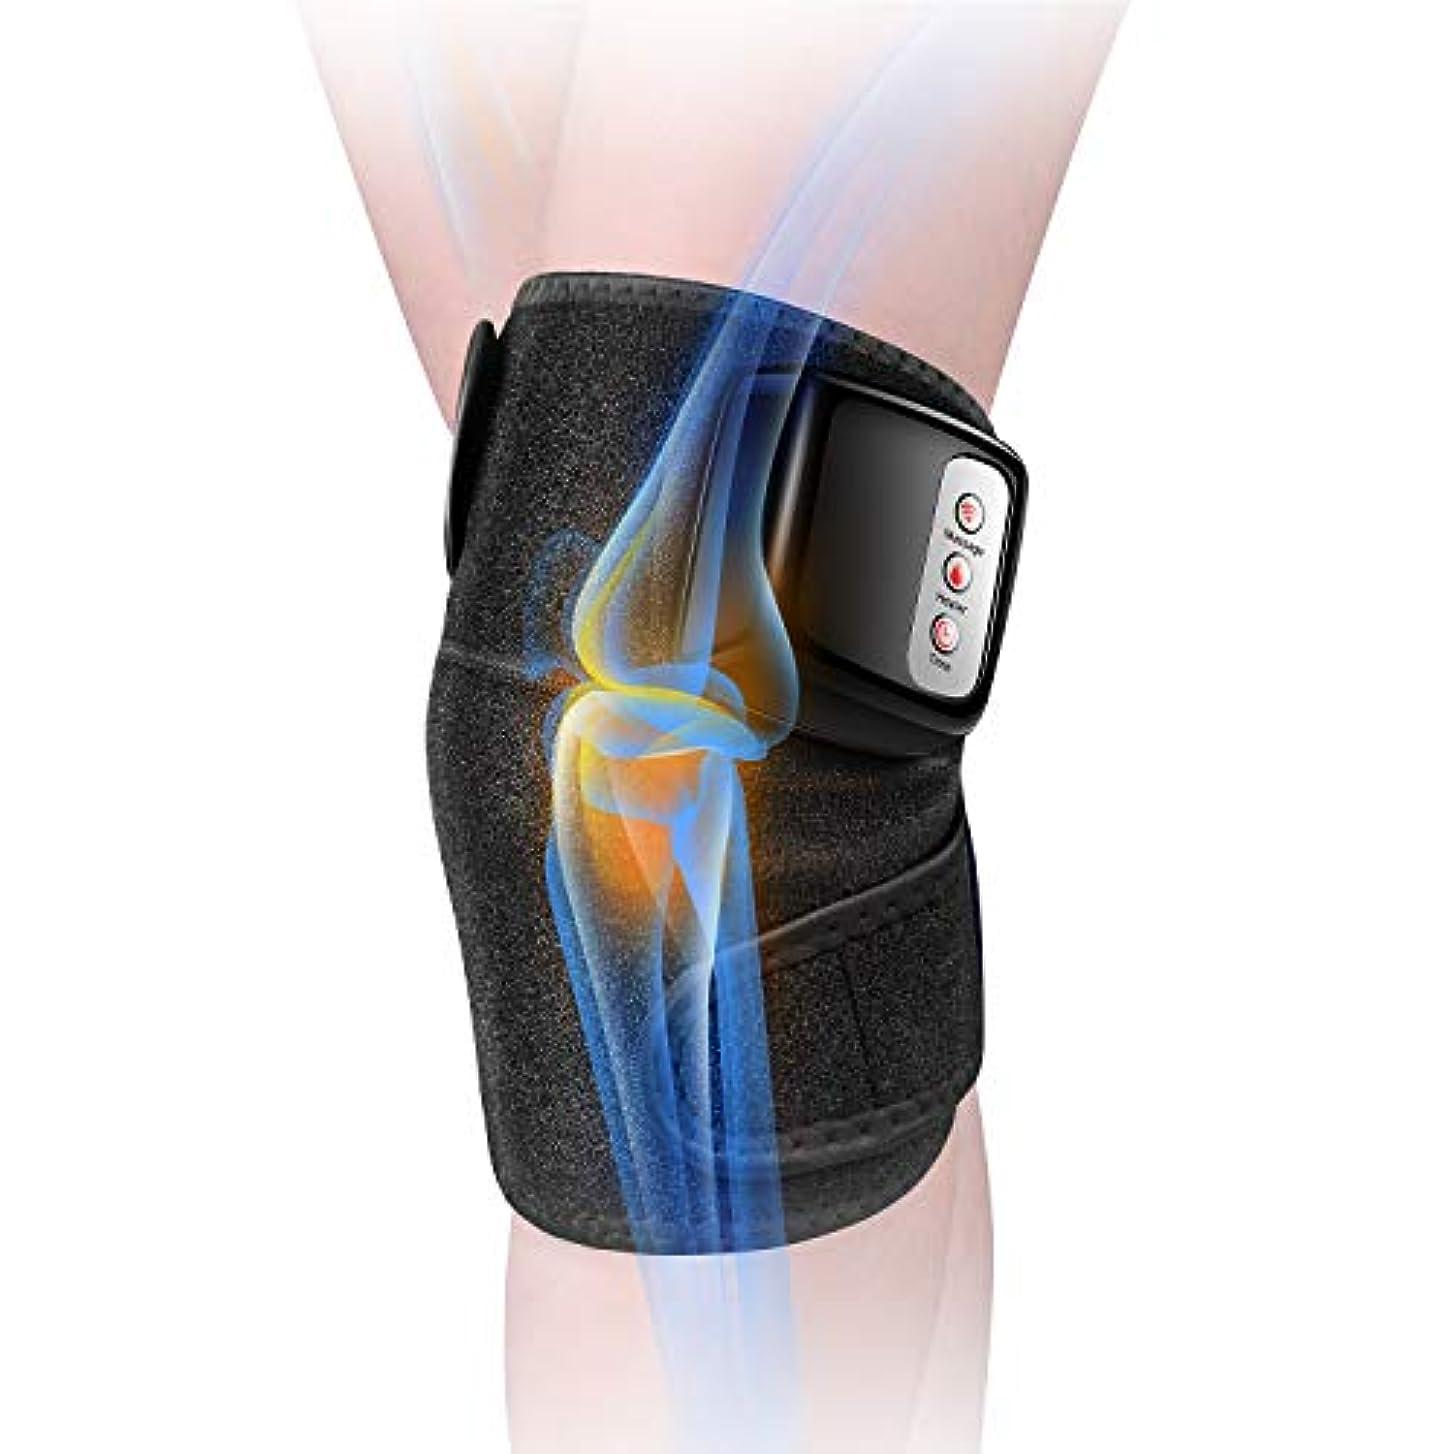 り成功した残り膝マッサージャー 関節マッサージャー マッサージ器 フットマッサージャー 振動 赤外線療法 温熱療法 膝サポーター ストレス解消 肩 太もも/腕対応